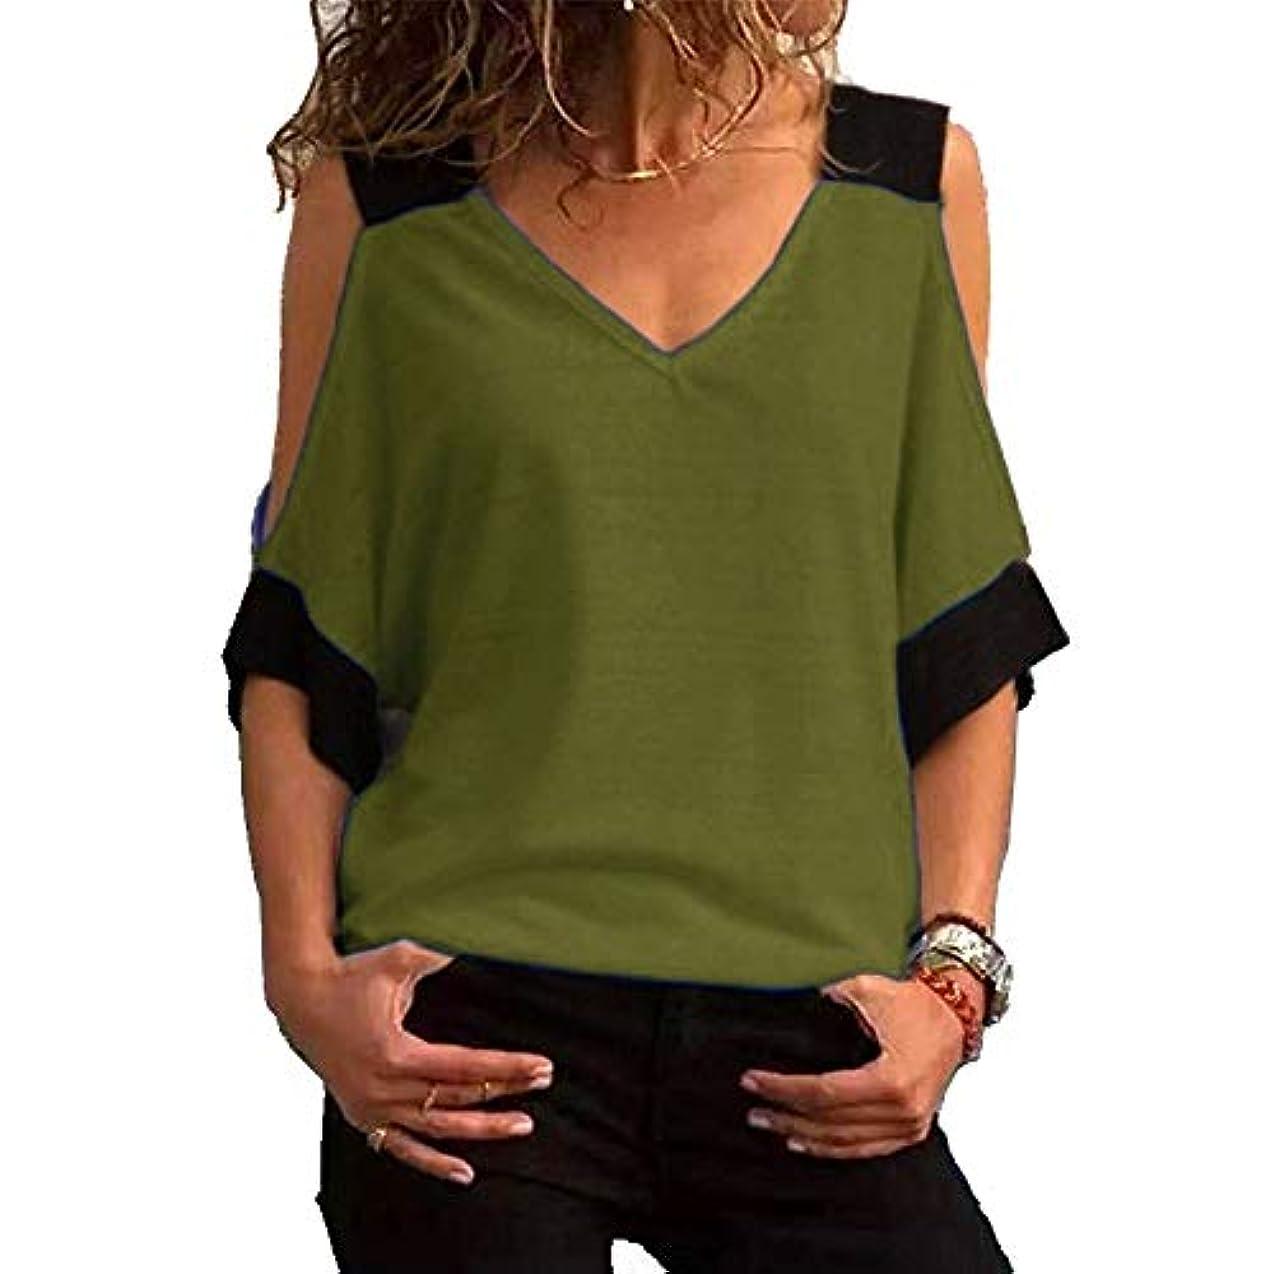 天皇トリクル姿を消すMIFAN女性ファッションカジュアルトップス女性ショルダーブラウスコットンTシャツディープVネック半袖